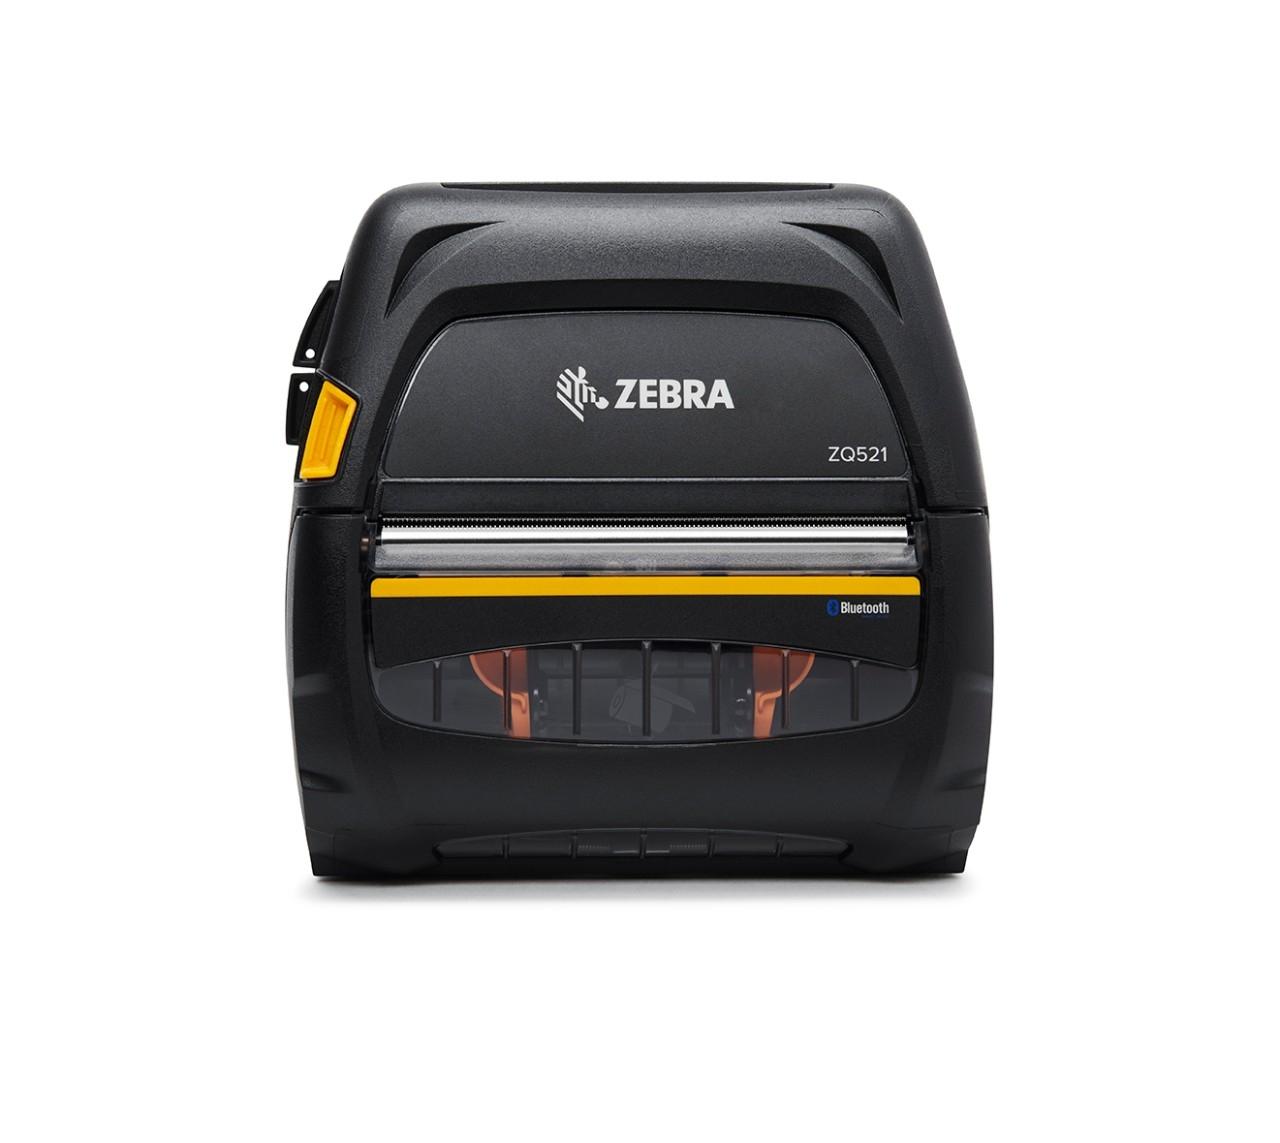 ZQ521 모바일 프린터